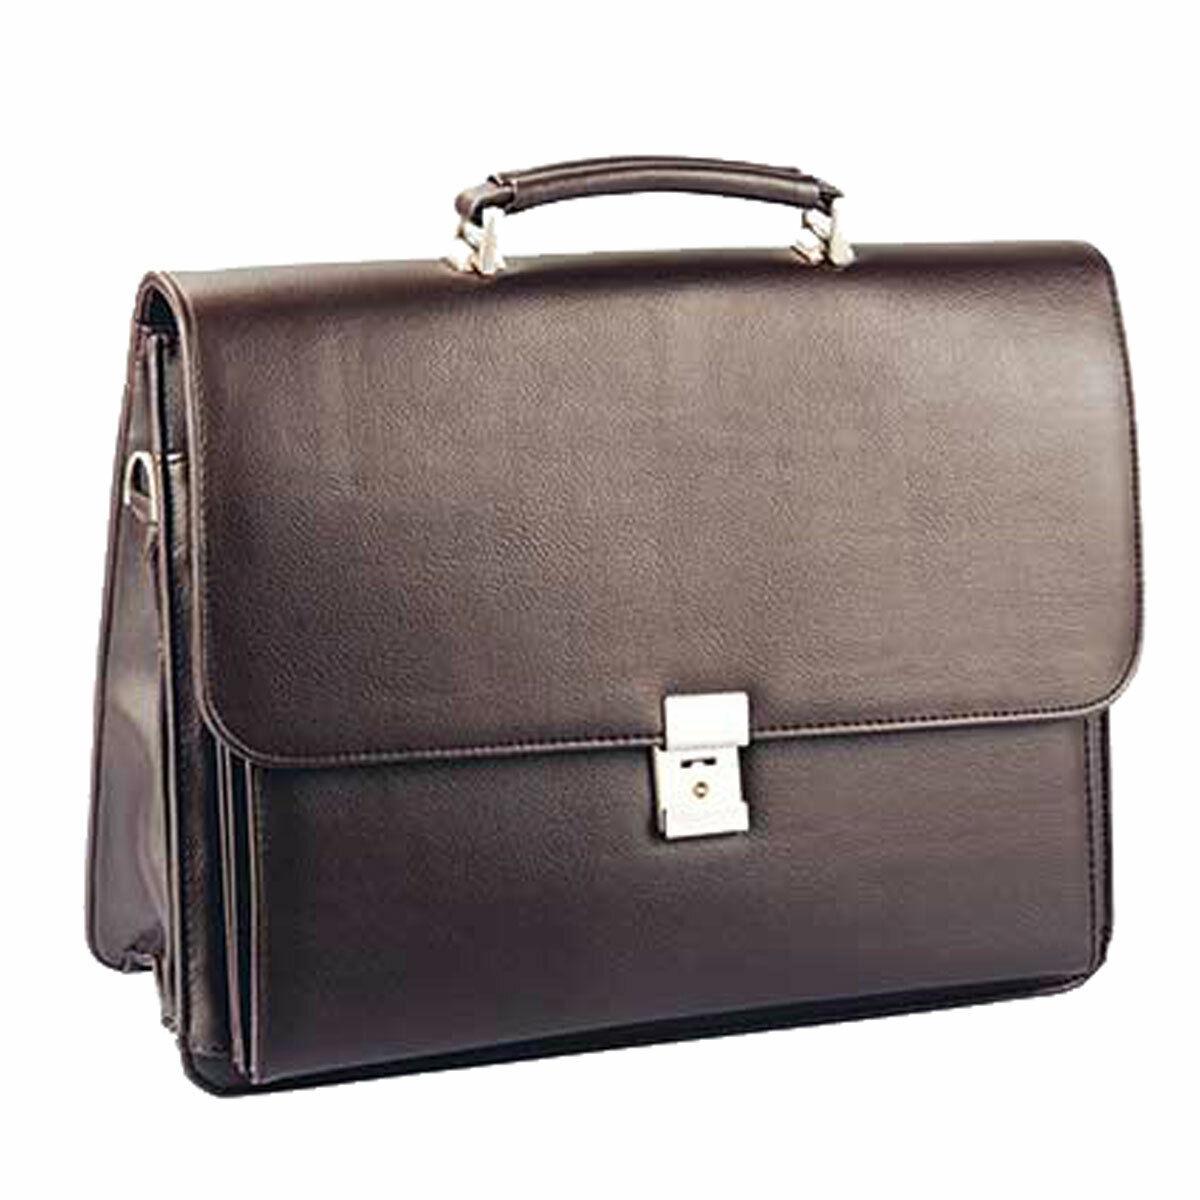 Aktentasche-Arbeitstasche-Umhängetasche Tasche-Braun 40 x31x16cm–Bowatex | Viele Stile  | Günstigen Preis  | In hohem Grade geschätzt und weit vertrautes herein und heraus